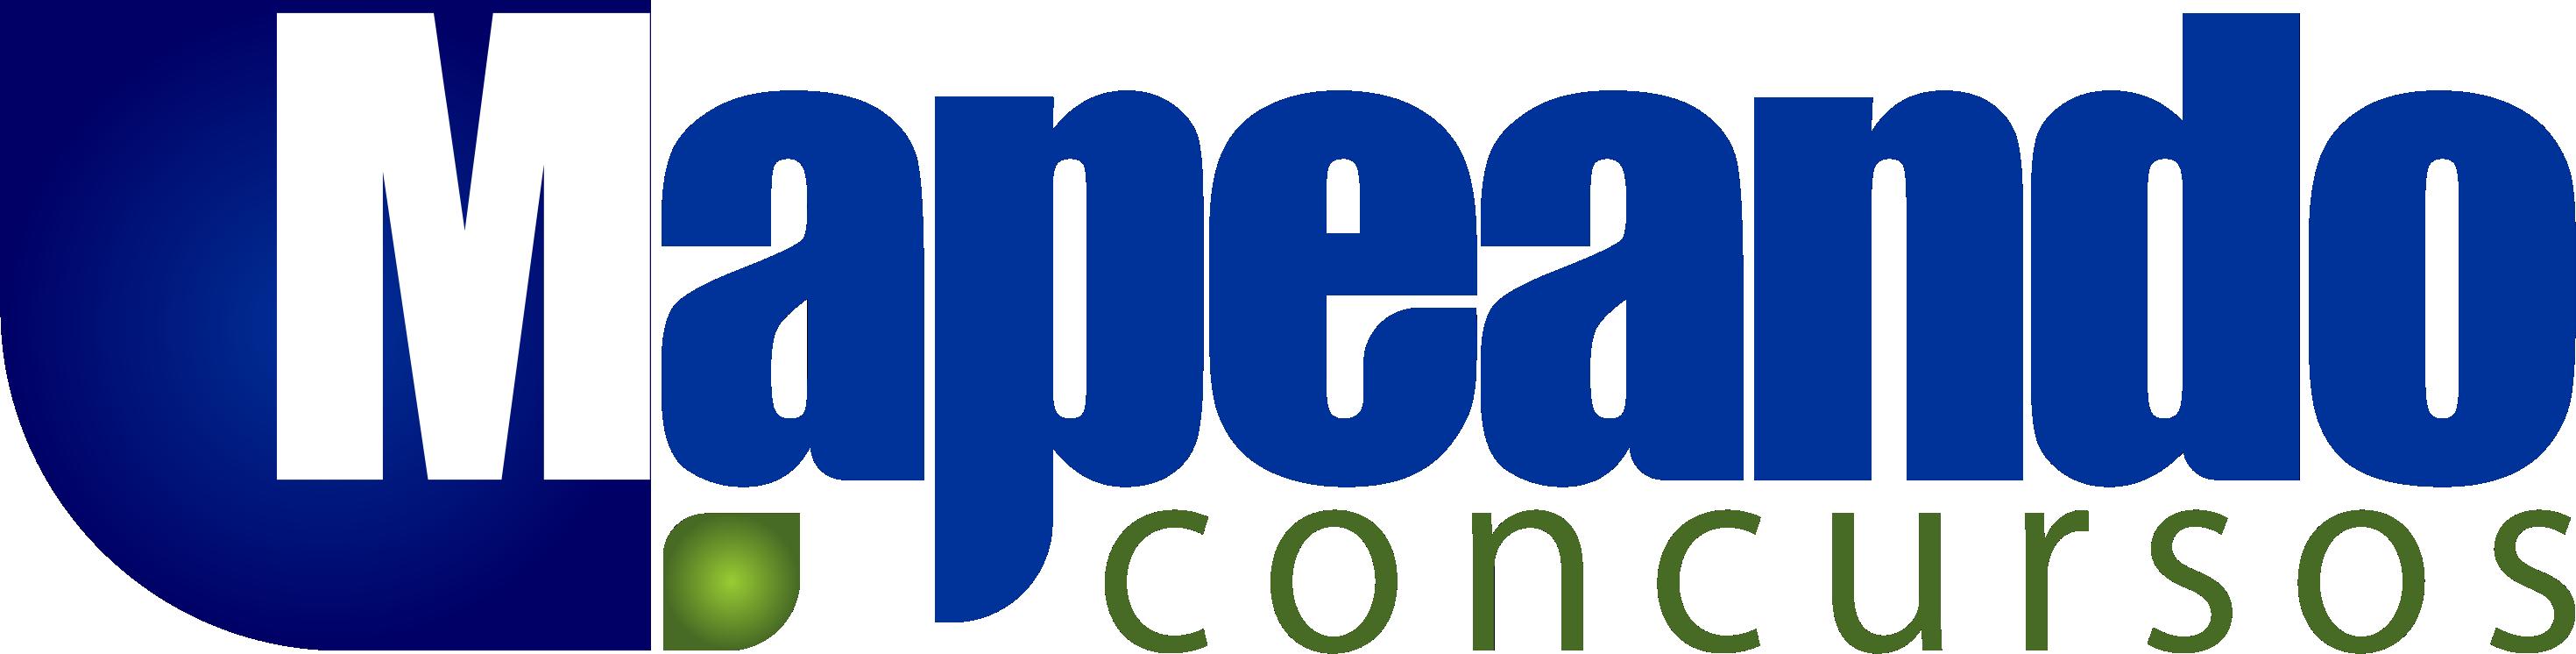 Cursos online para concurso publico